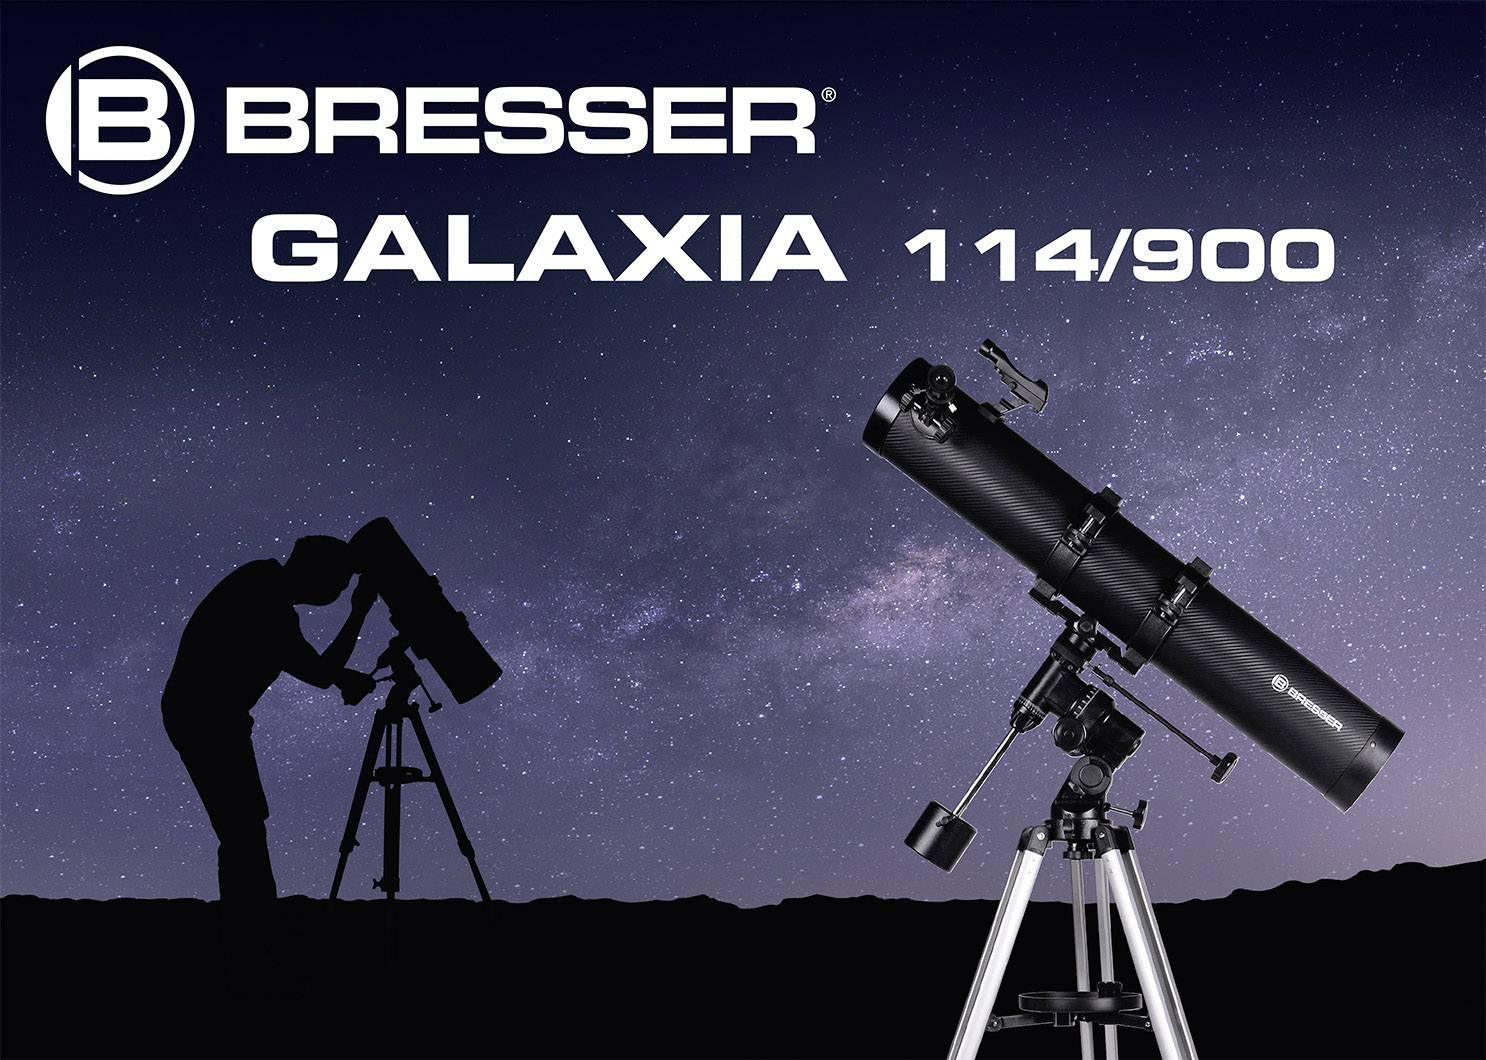 Bresser optik messier ar l linsen teleskop achromatisch